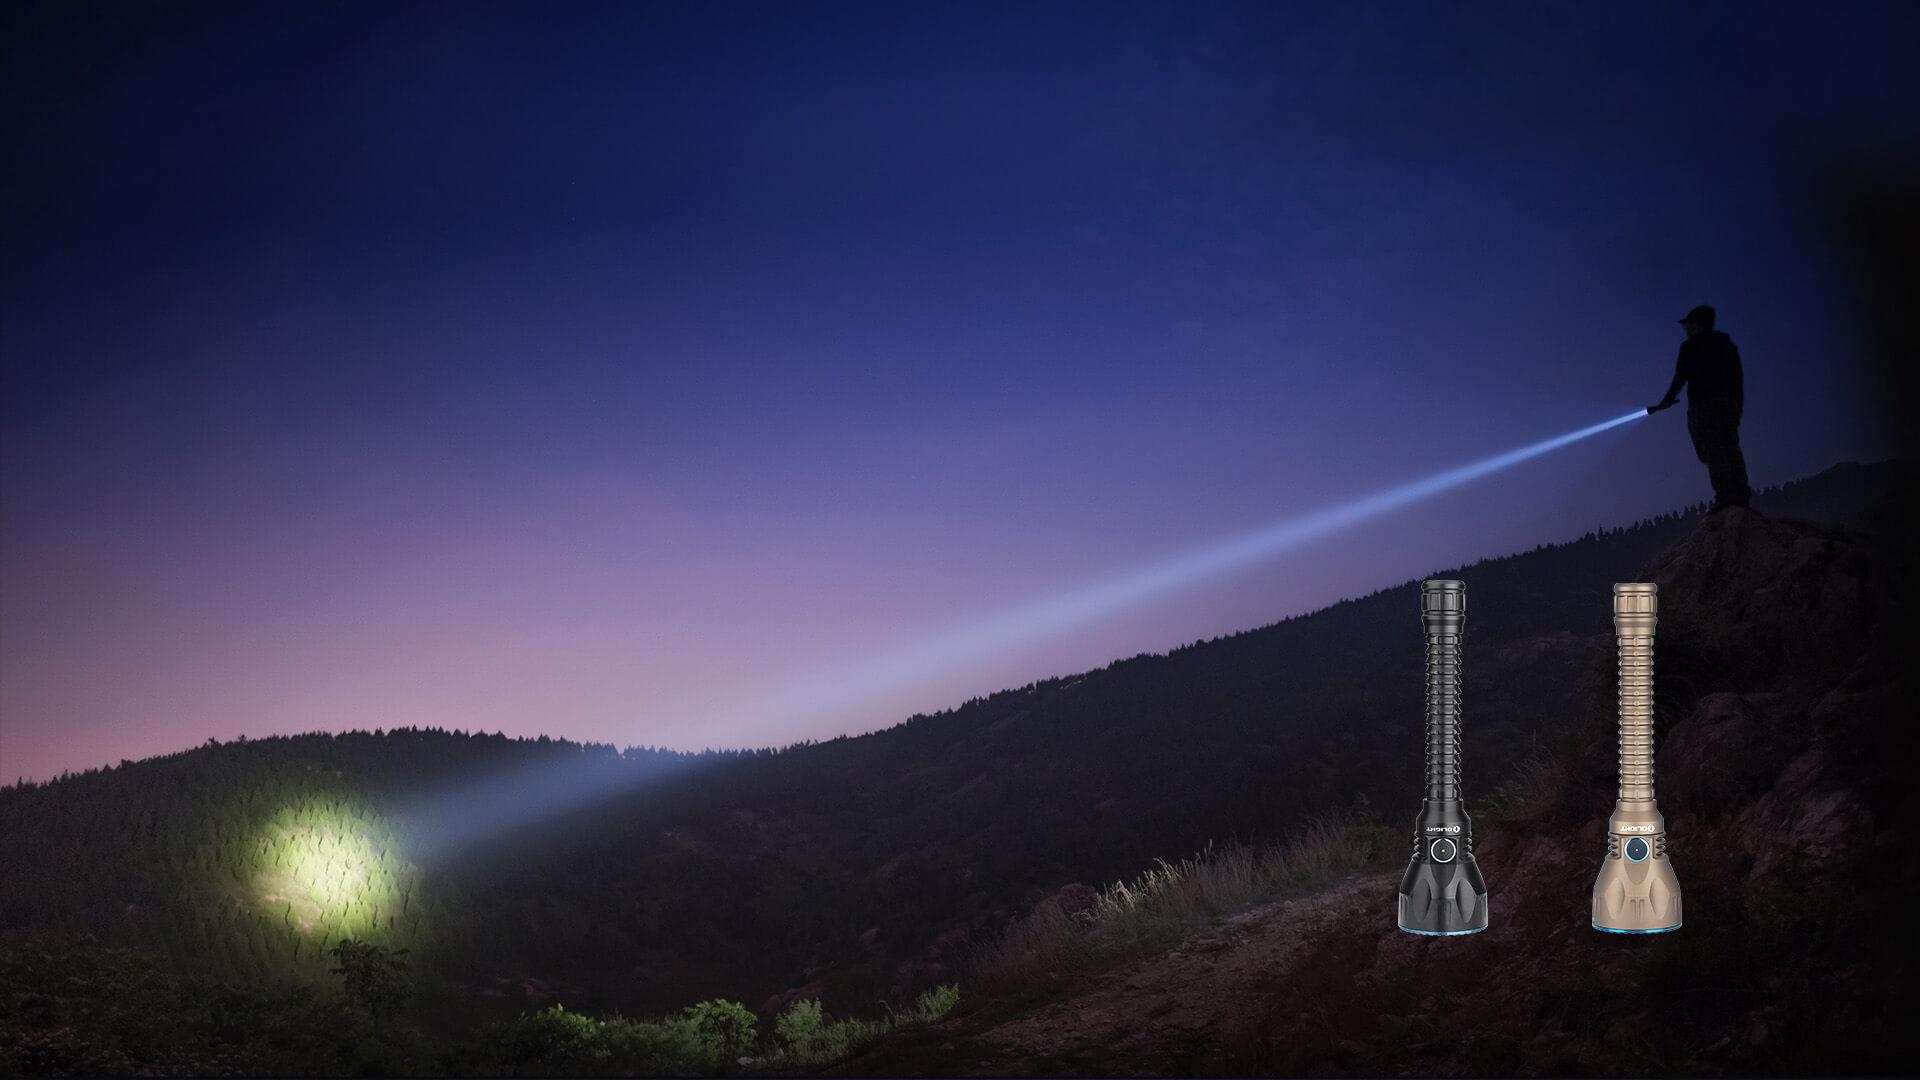 Unglaubliche Leistung von 2100 Lumen sowie eine Reichweite von 1080 Metern